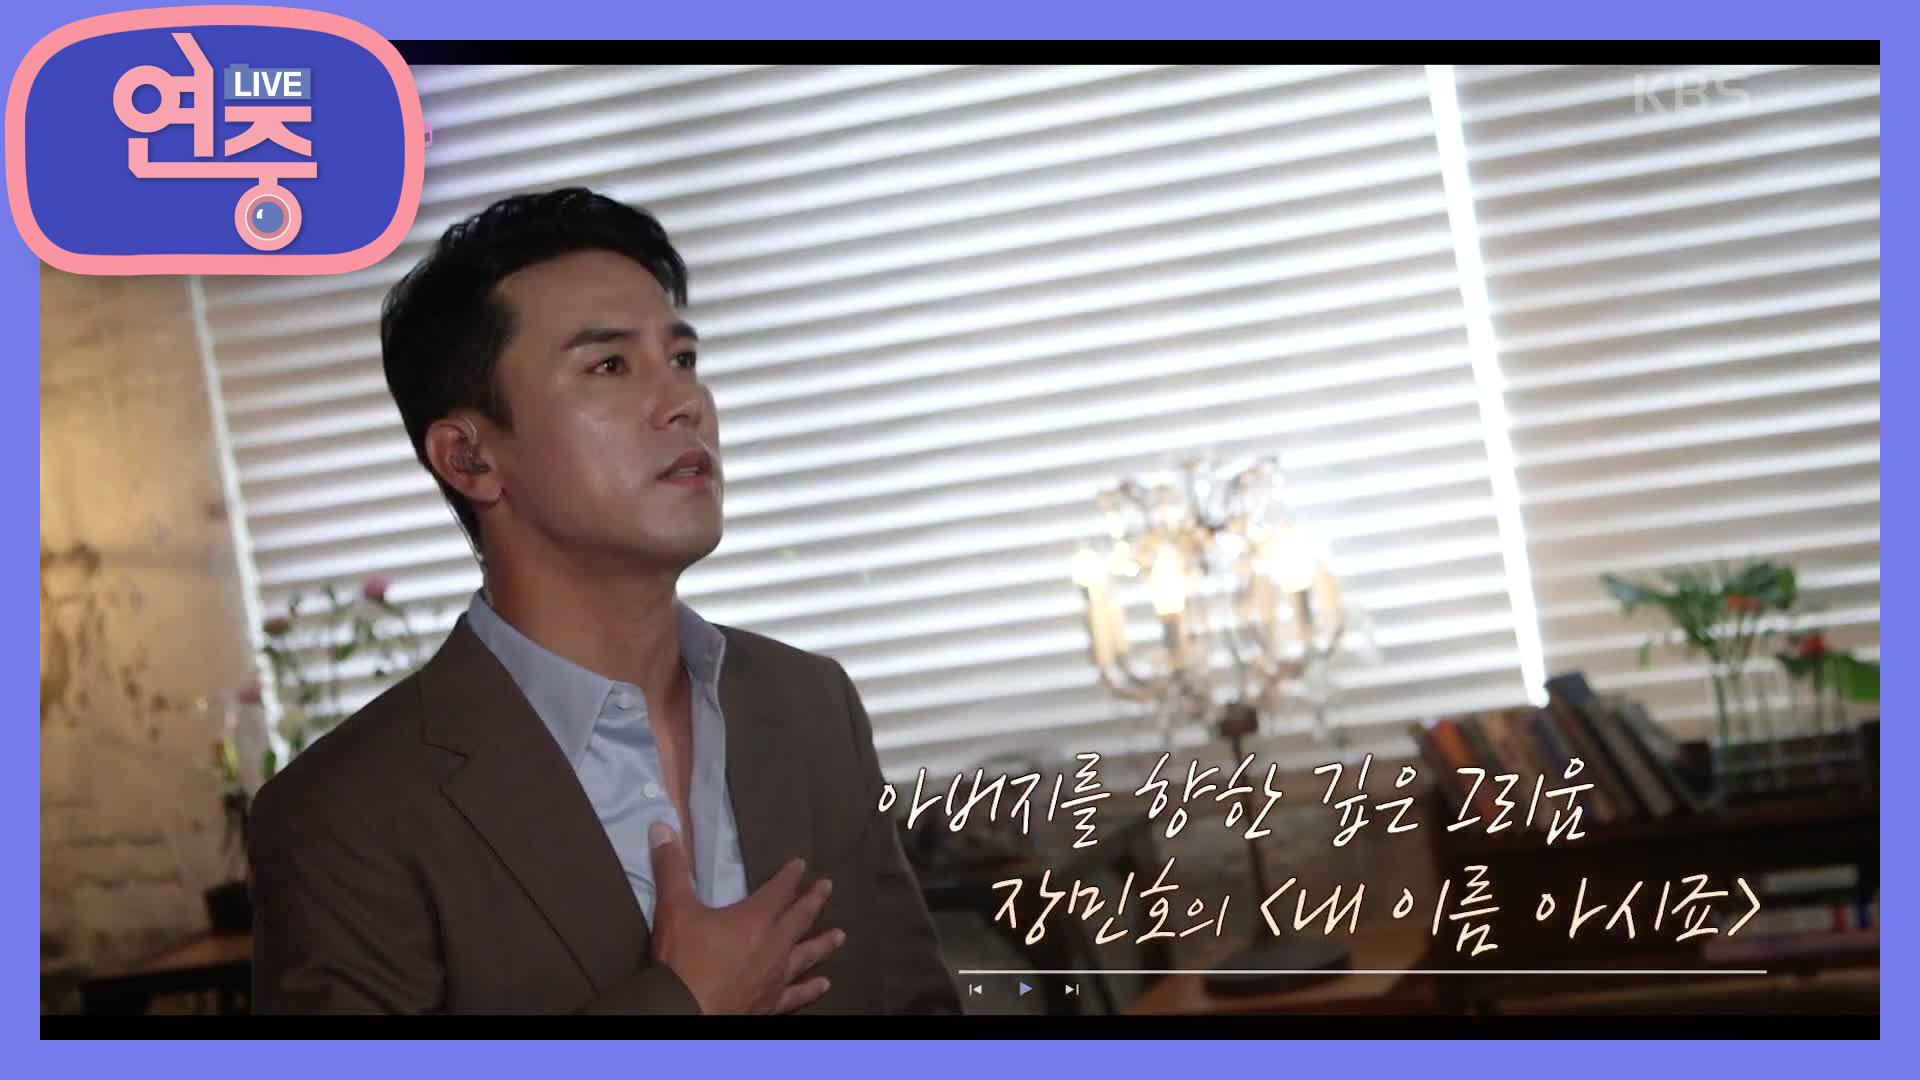 [플레이 리스트] 아버지를 향한 그리움, 장민호 - 내 이름 아시죠 | KBS 210917 방송